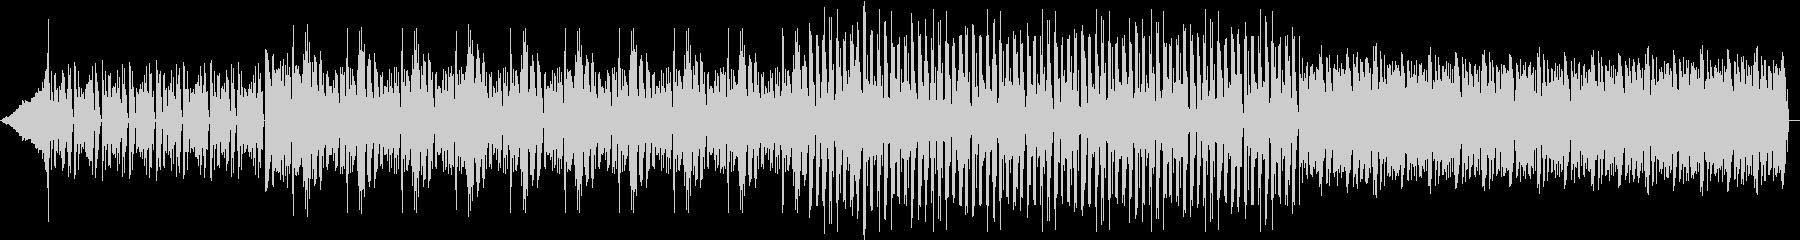 【明るくポップなハウスミュージック】の未再生の波形